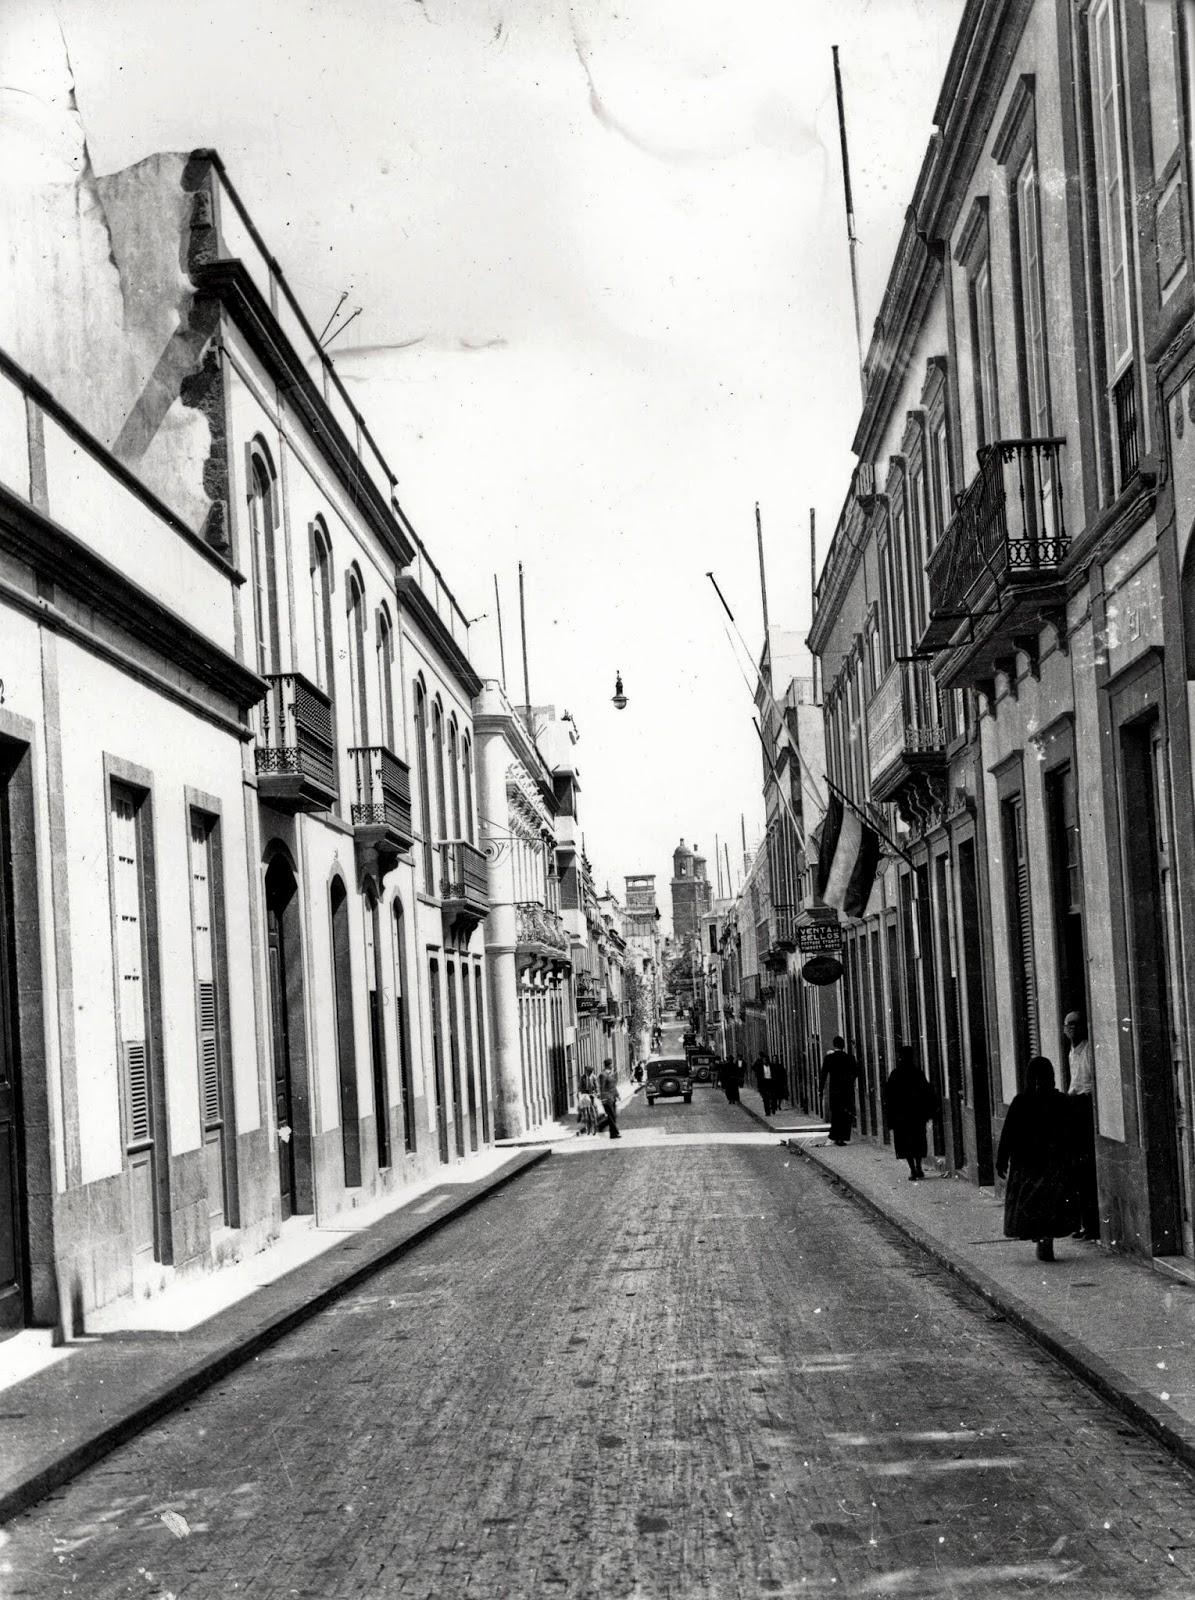 Imagen nº 6901 propiedad de la FEDAC/ Cabildo de Gran Canaria. Realizada entre los años 1930 y 1933. (Fotógrafo sin identificar)